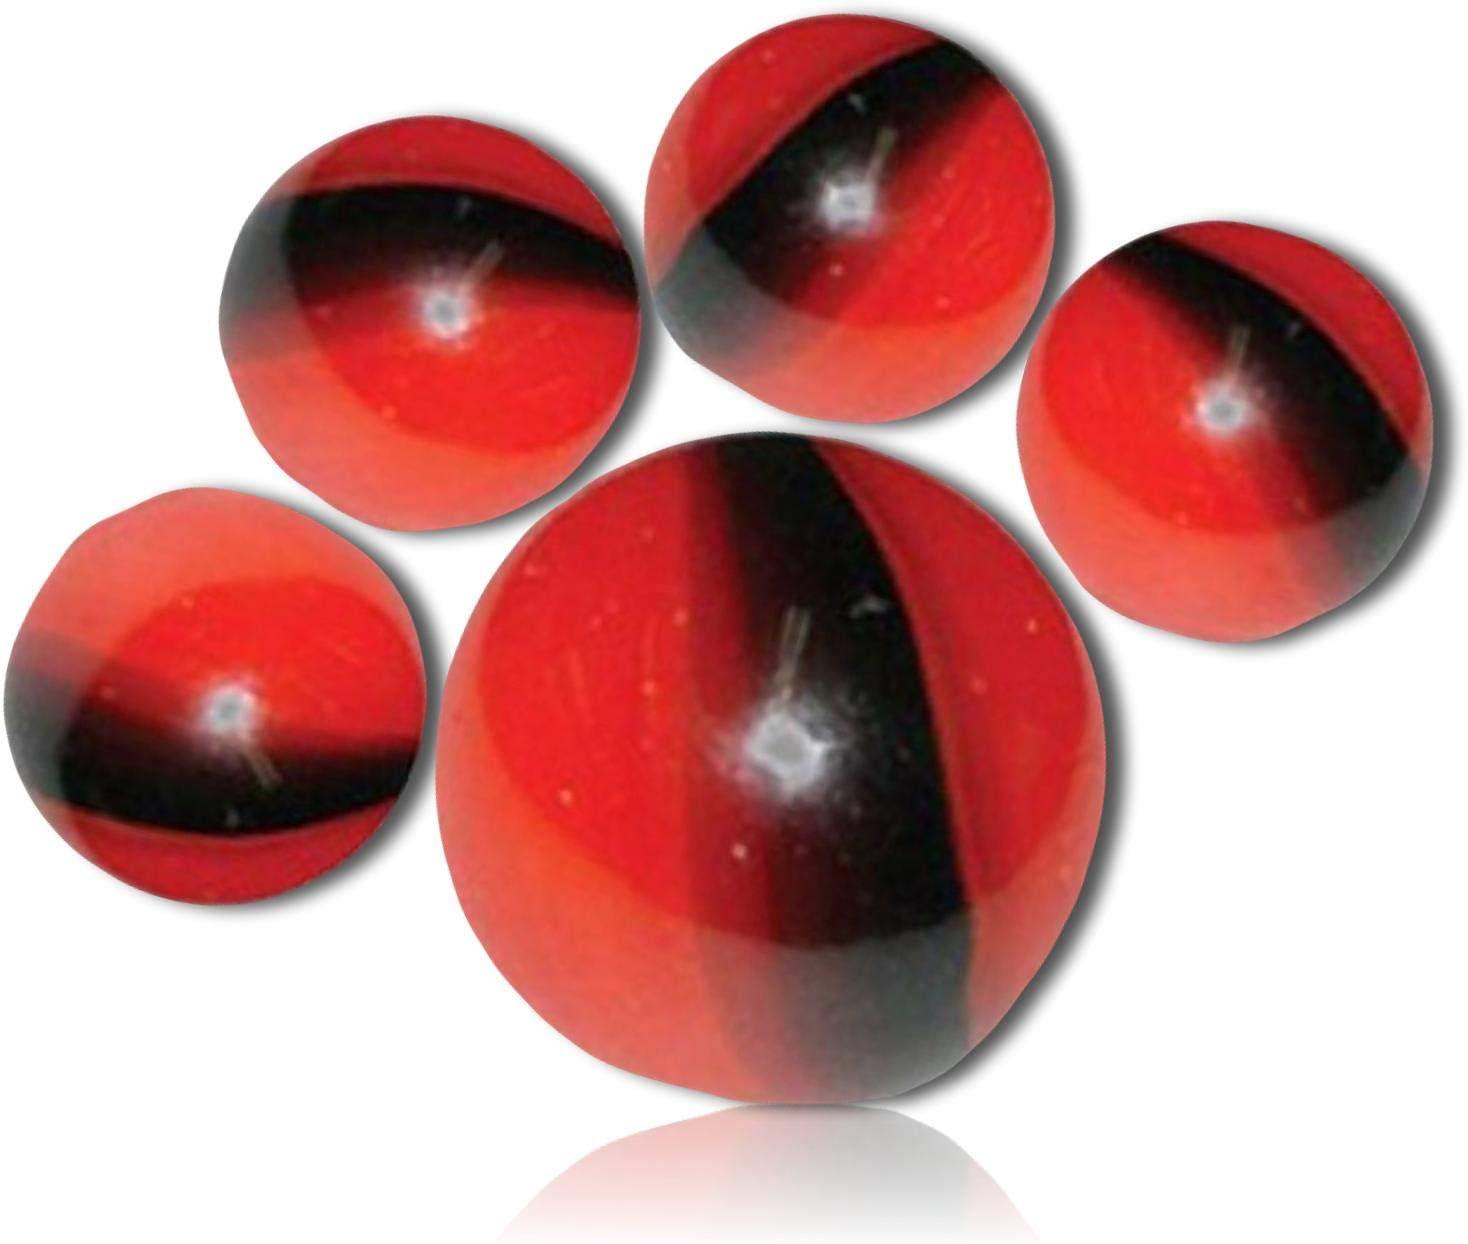 25 Glass Marbles ZEBRA Black//White Stripes game pack vtg style Shooter Swirl